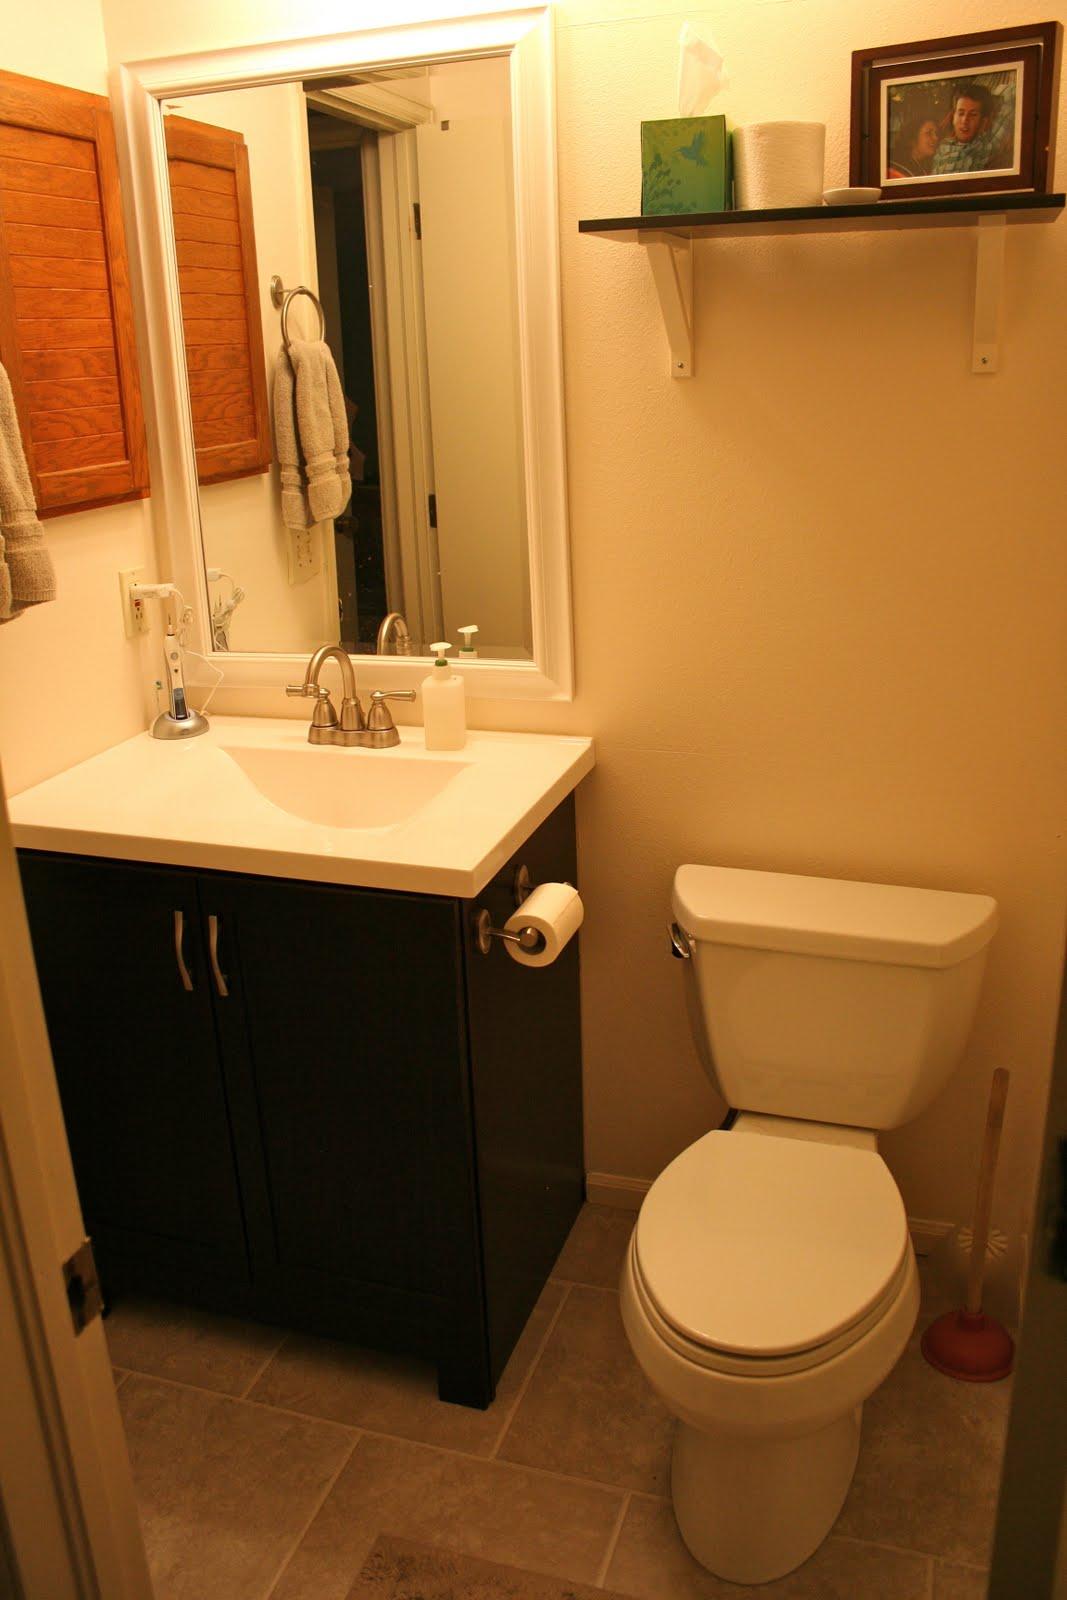 Things we swear happened diy bathroom remodel - Diy bathroom remodel before and after ...